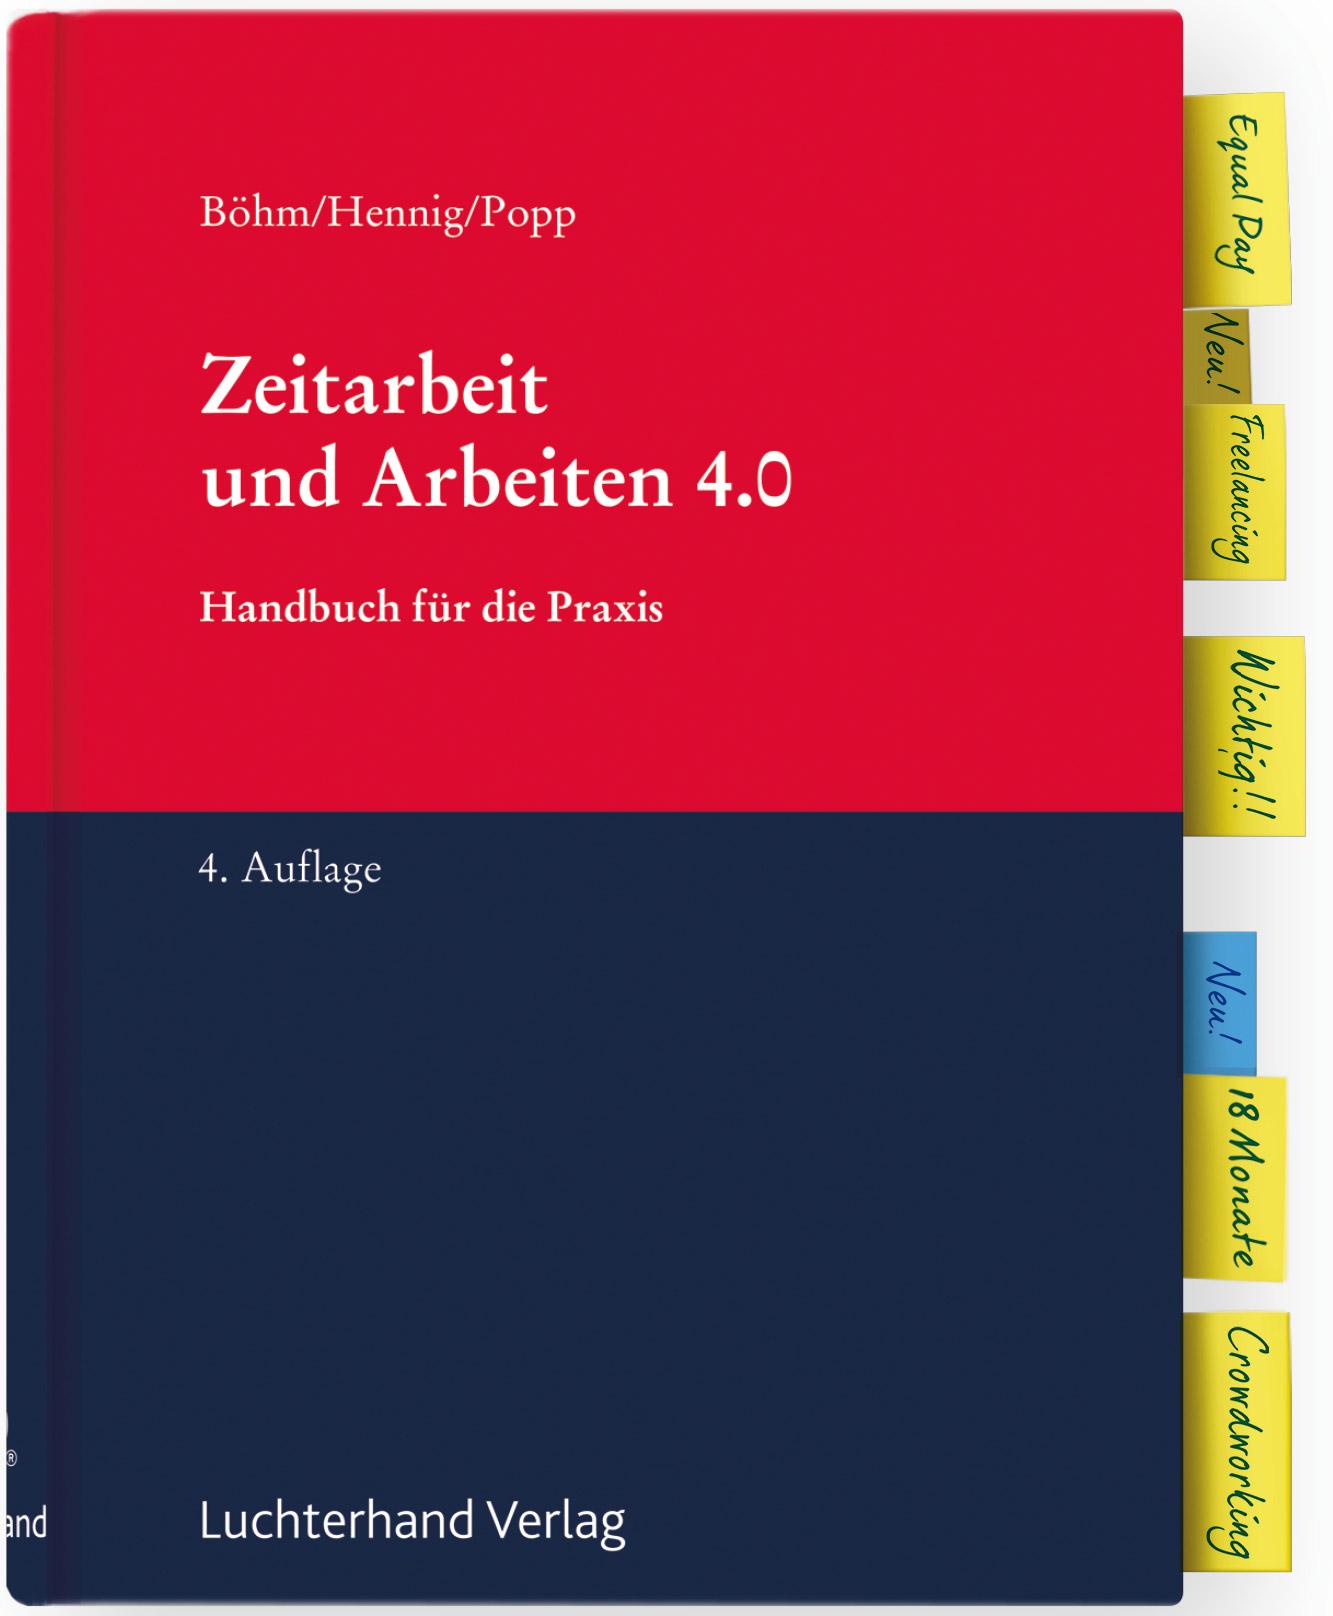 Zeitarbeit und Arbeiten 4.0 – Handbuch für die Praxis